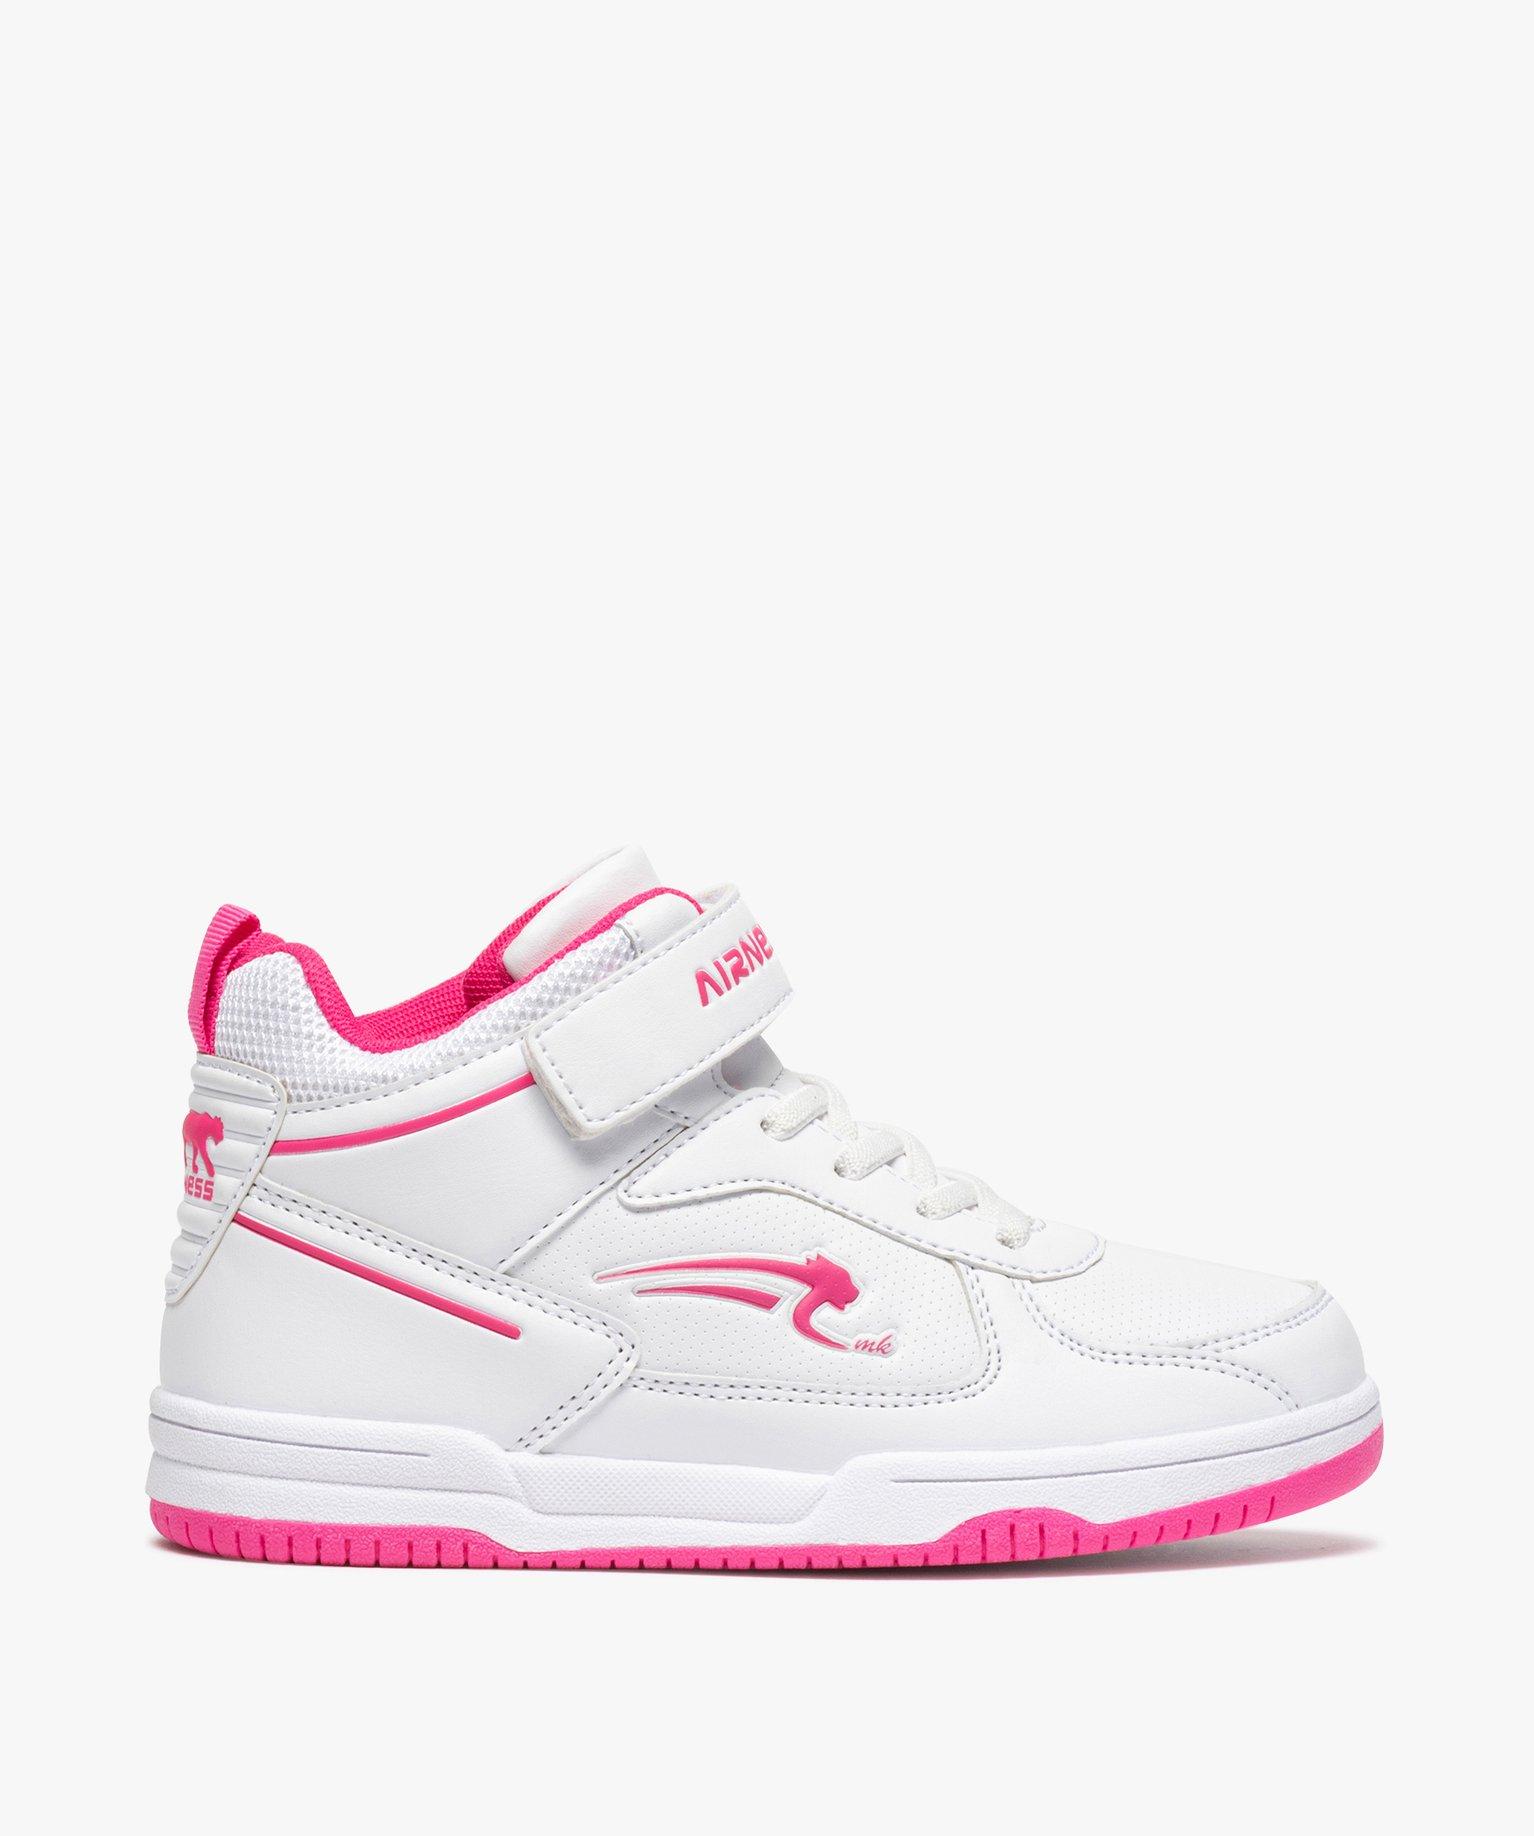 Baskets fille semi-montantes bicolores - Airness